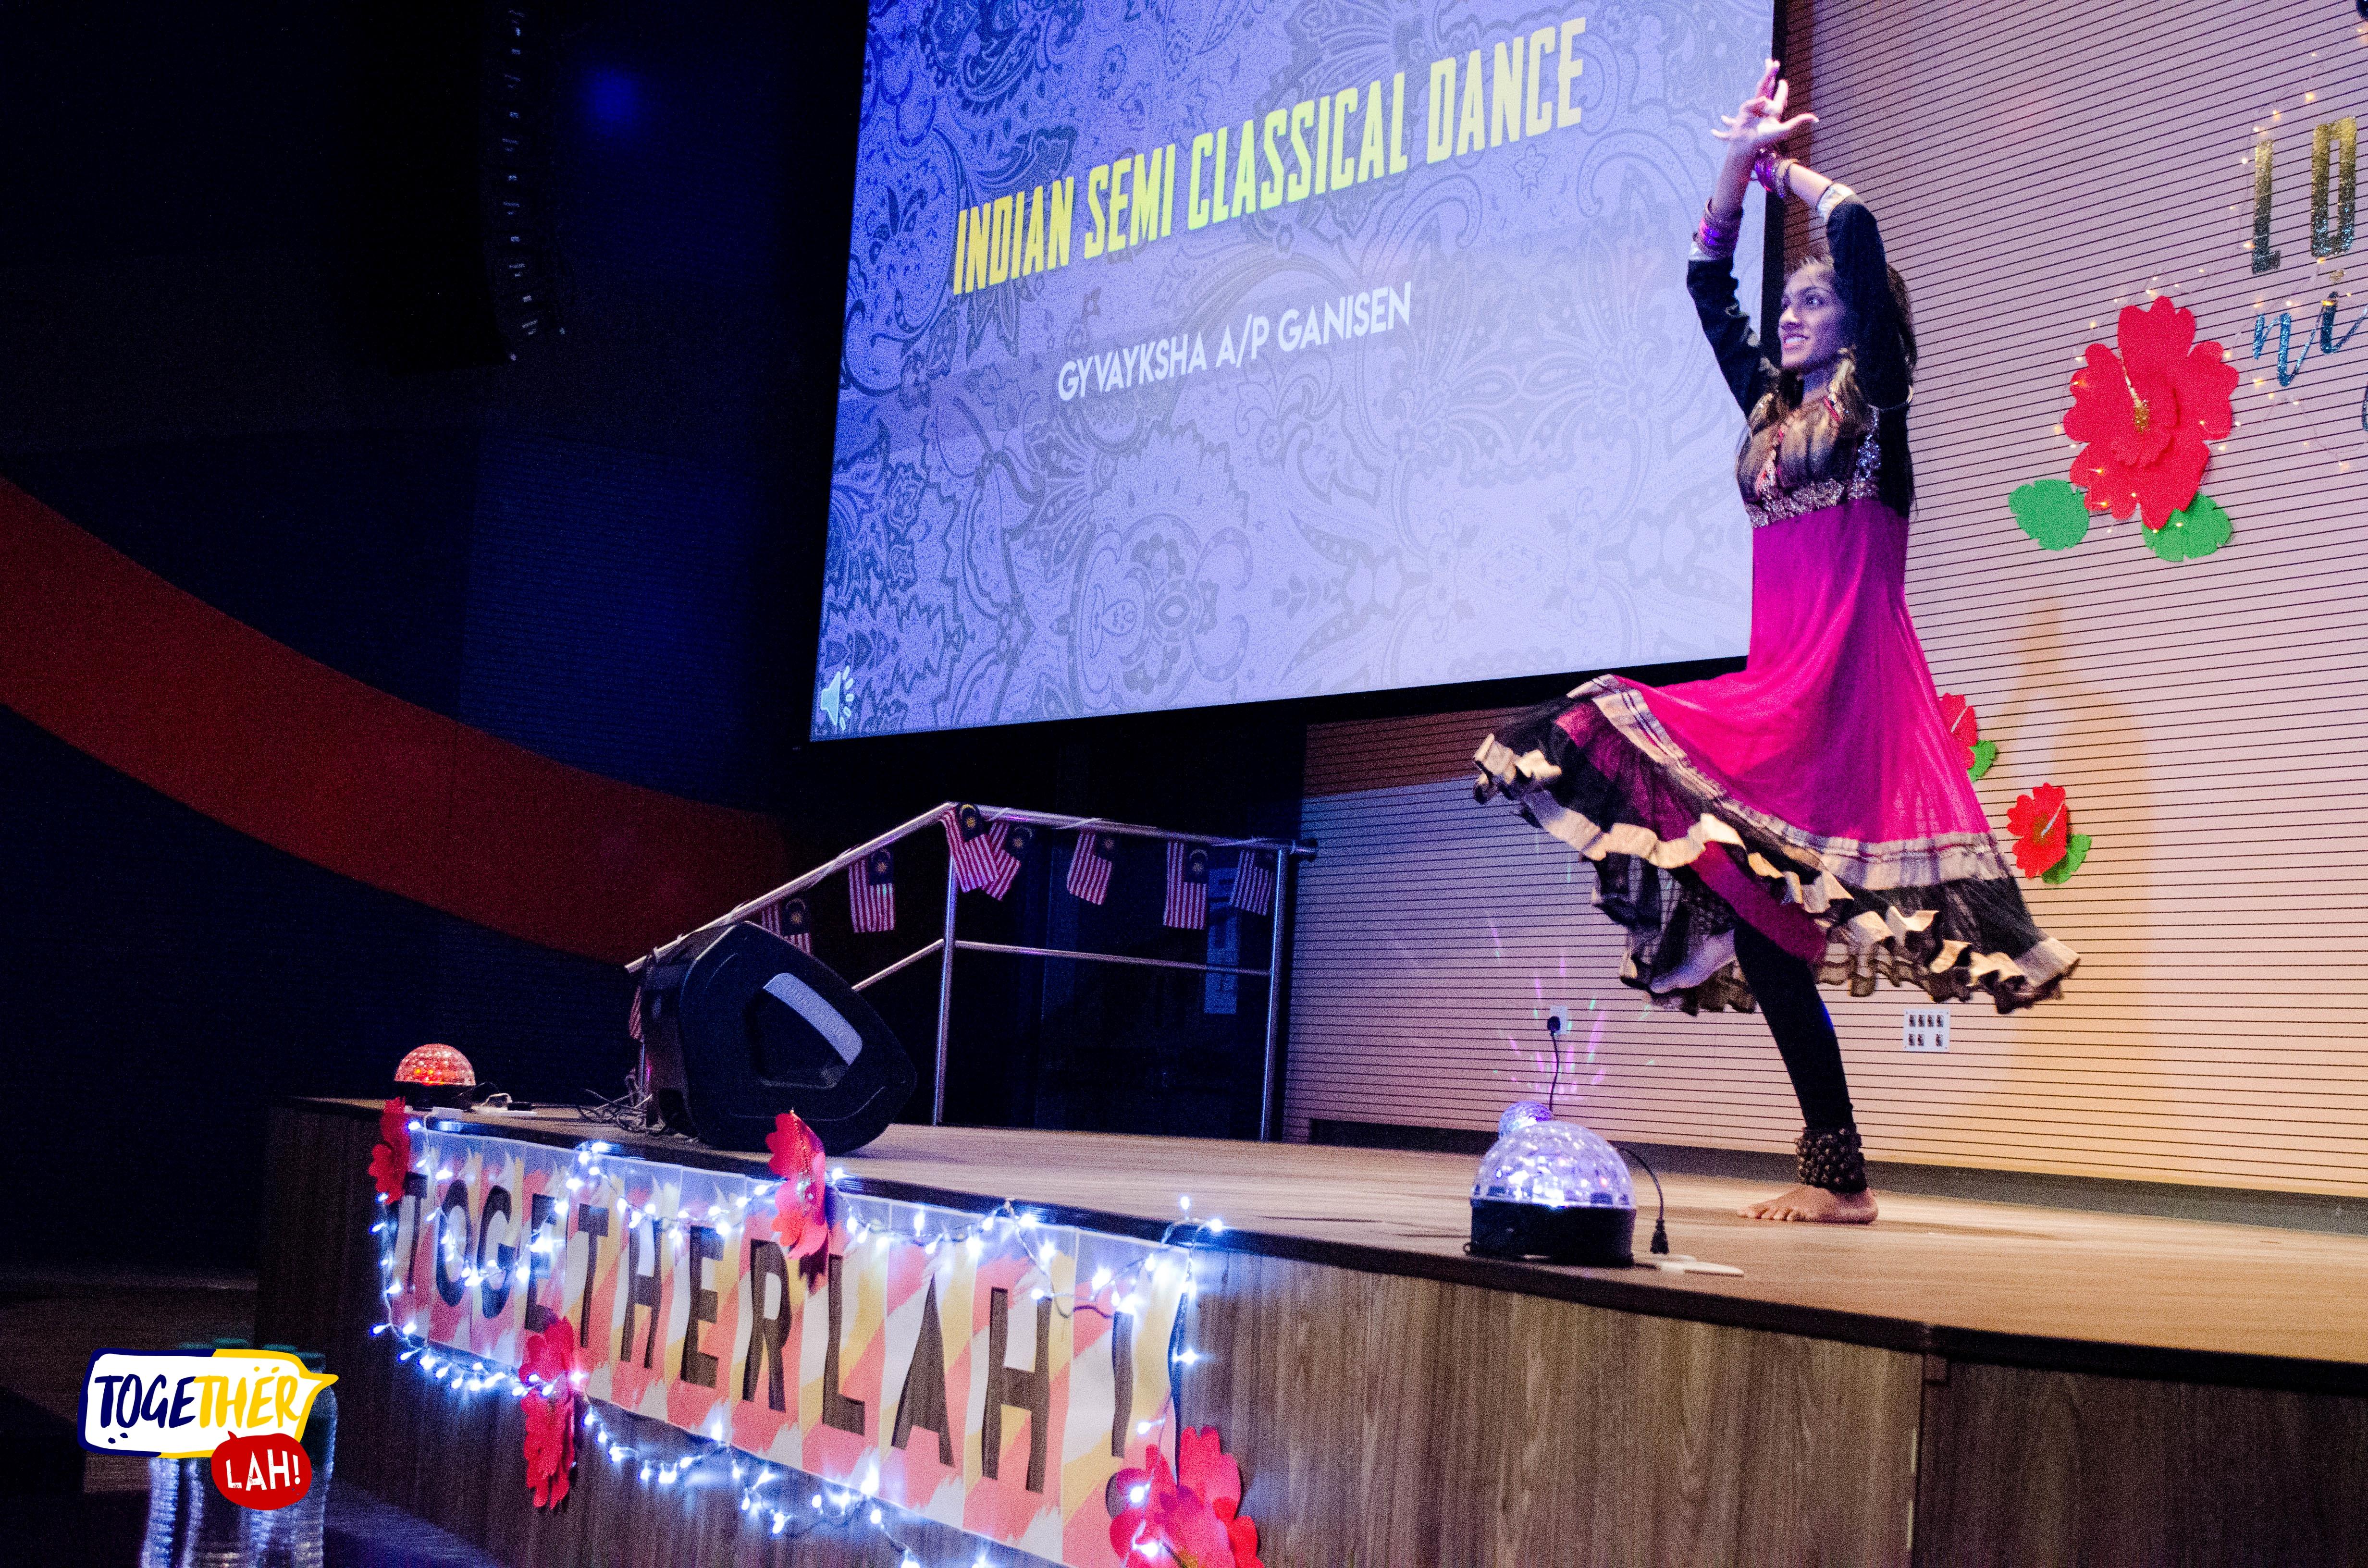 batch_Indian Semi Classical Dance (1).jpg